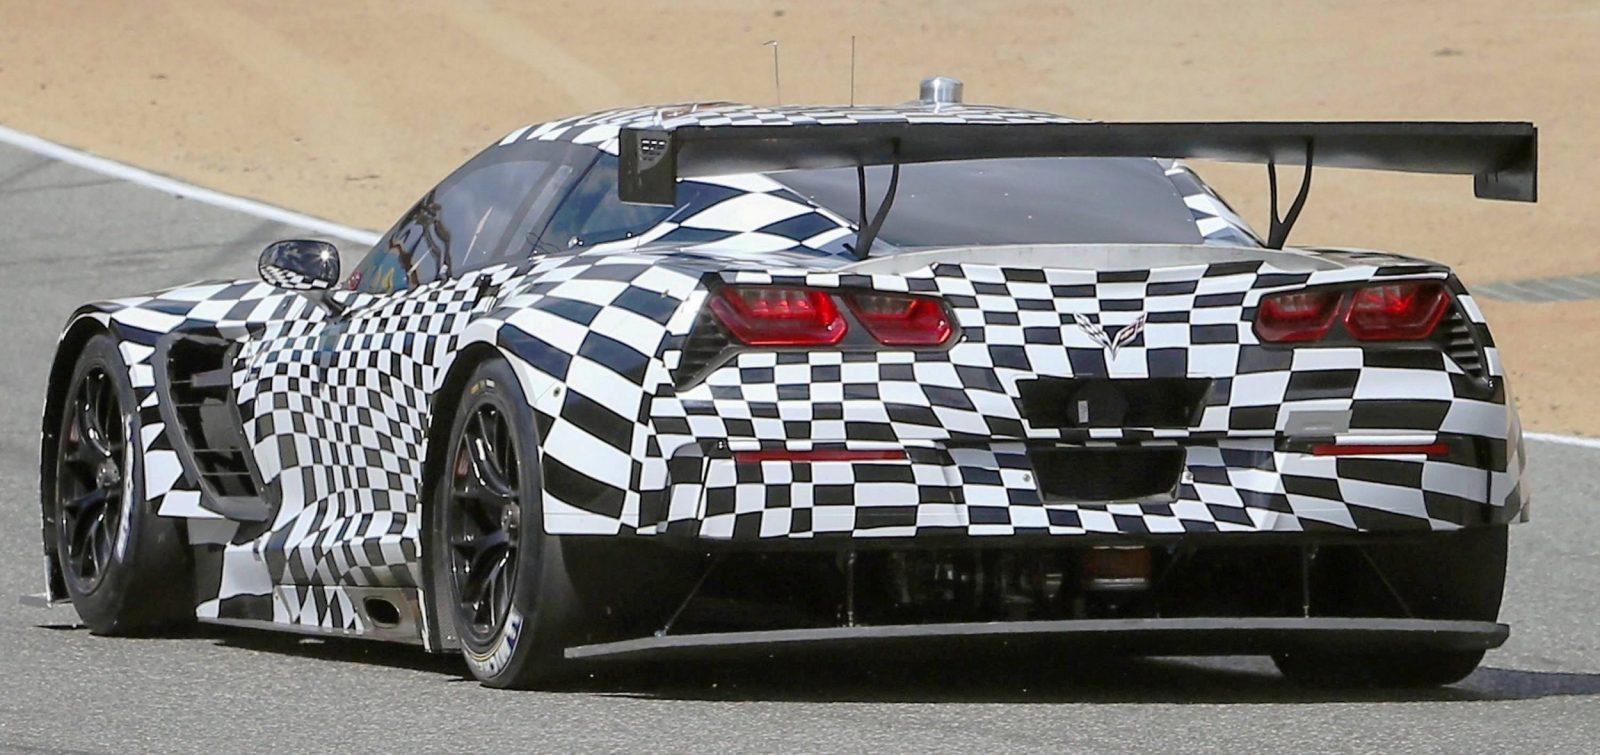 2014 Corvette C7 R and Z06 - Stingray Gran Turismo Concept